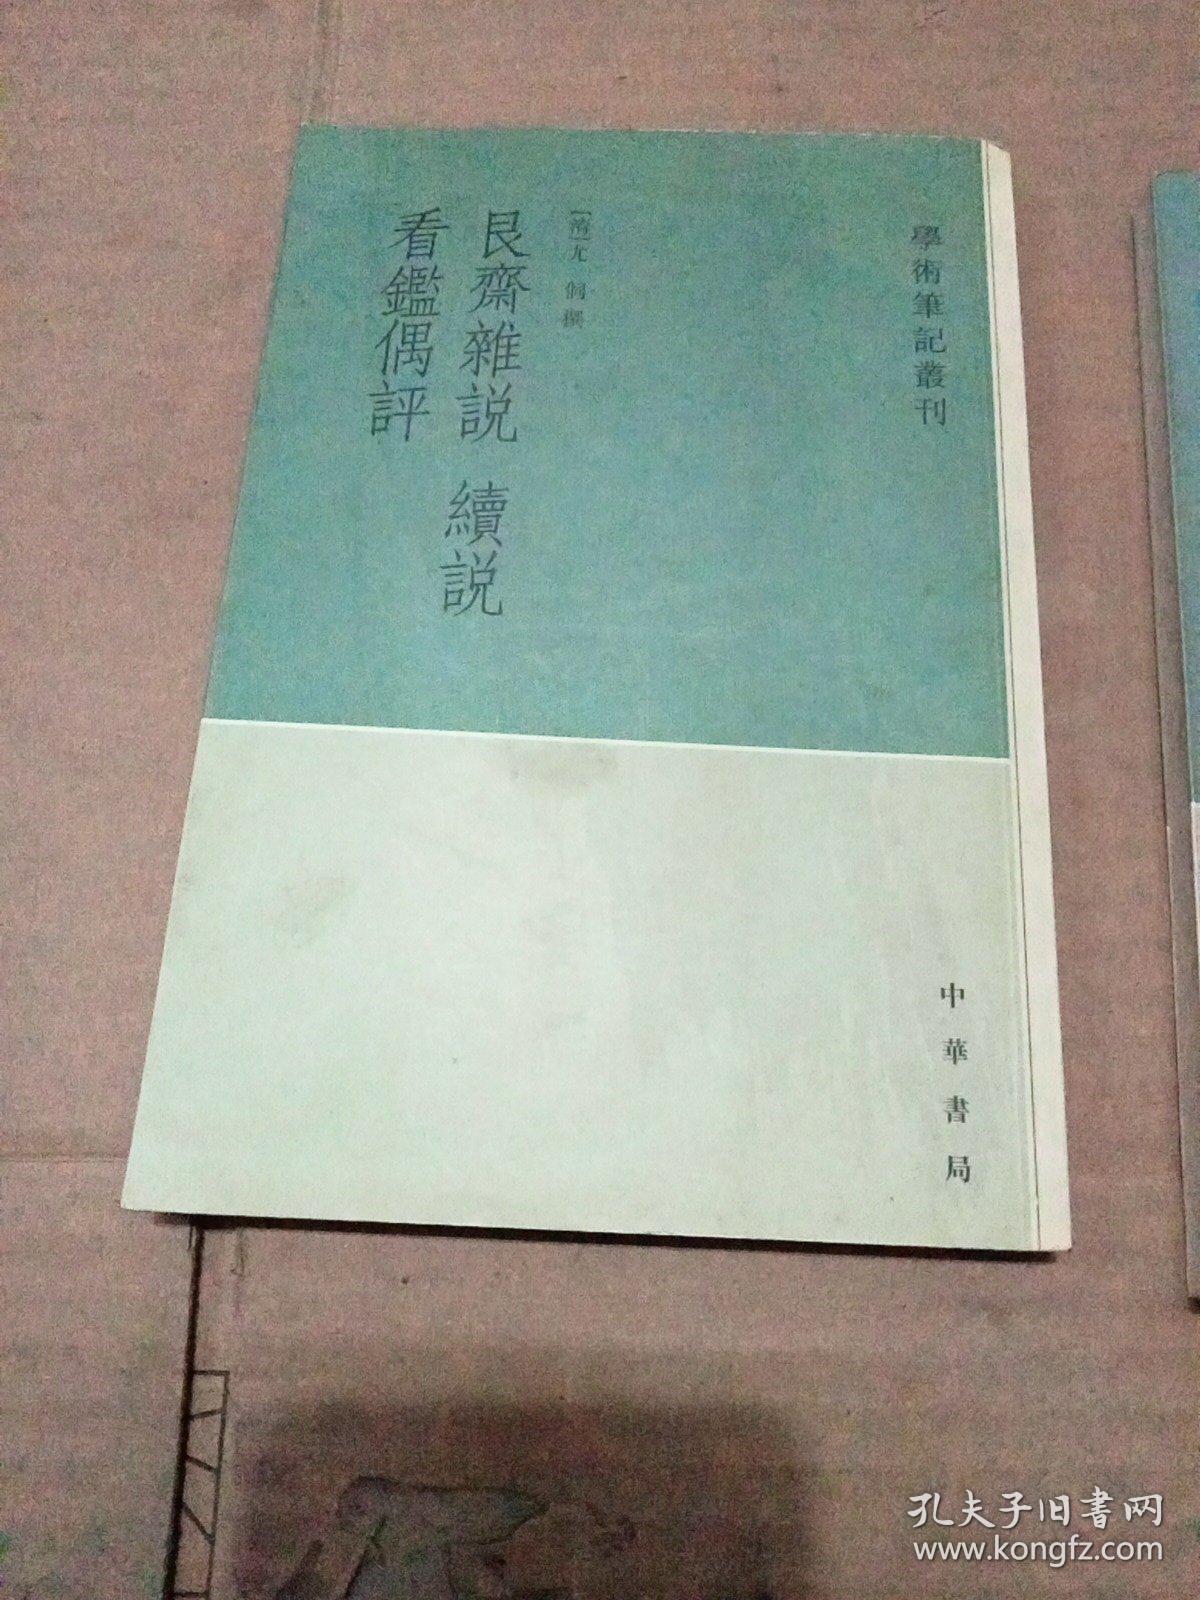 (学术笔记丛刊)艮斋杂说 续说 看鉴偶评